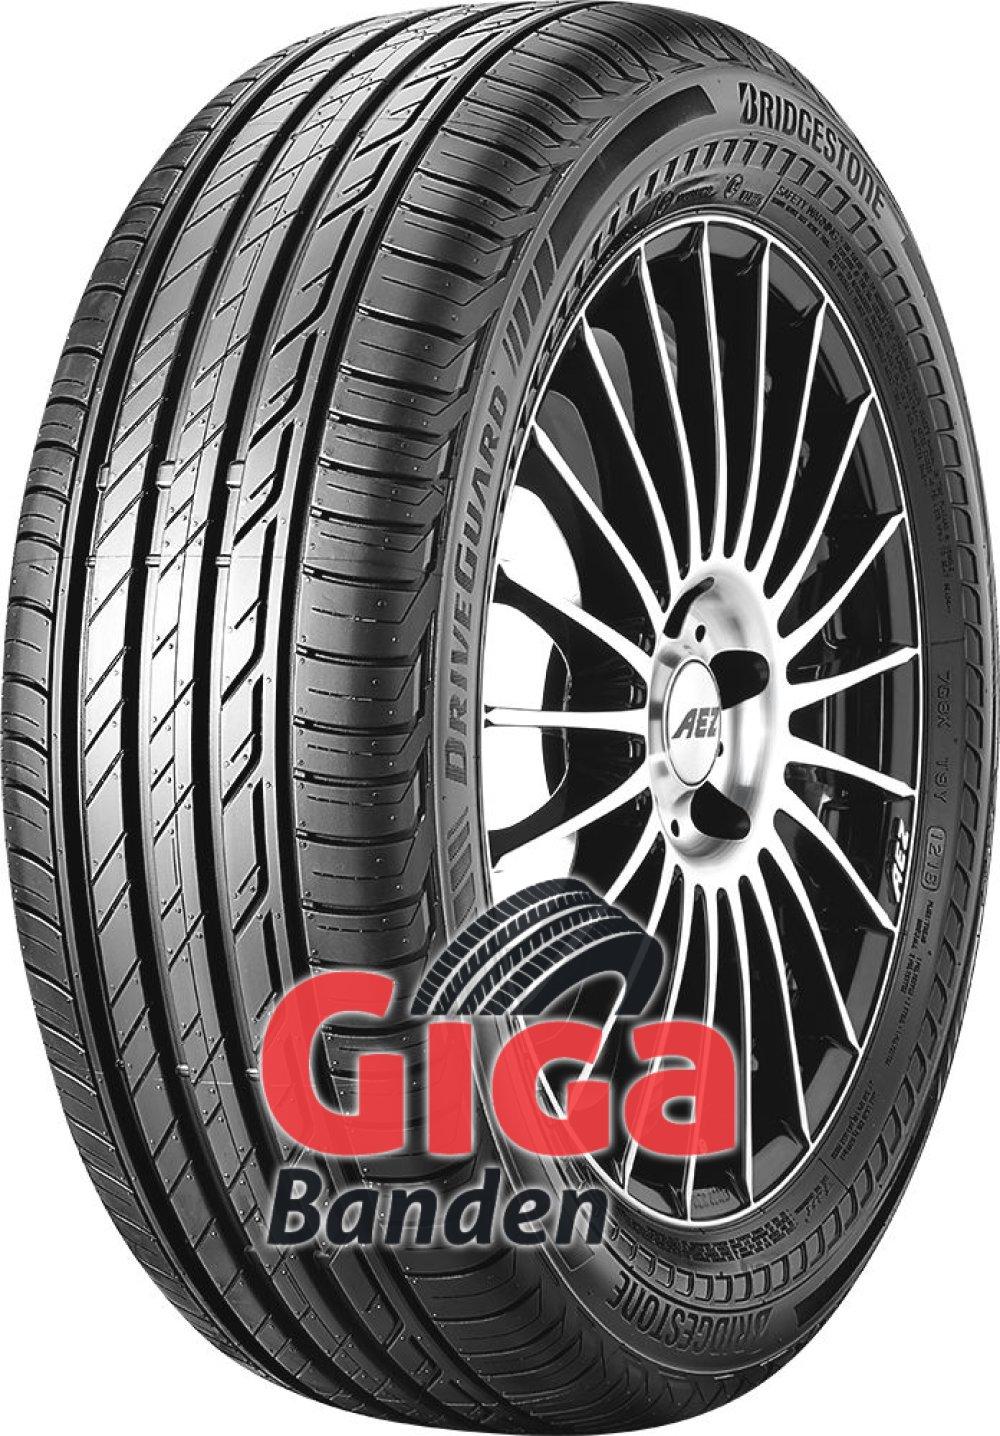 Bridgestone DriveGuard RFT ( 185/65 R15 92V XL runflat, DriveGuard )